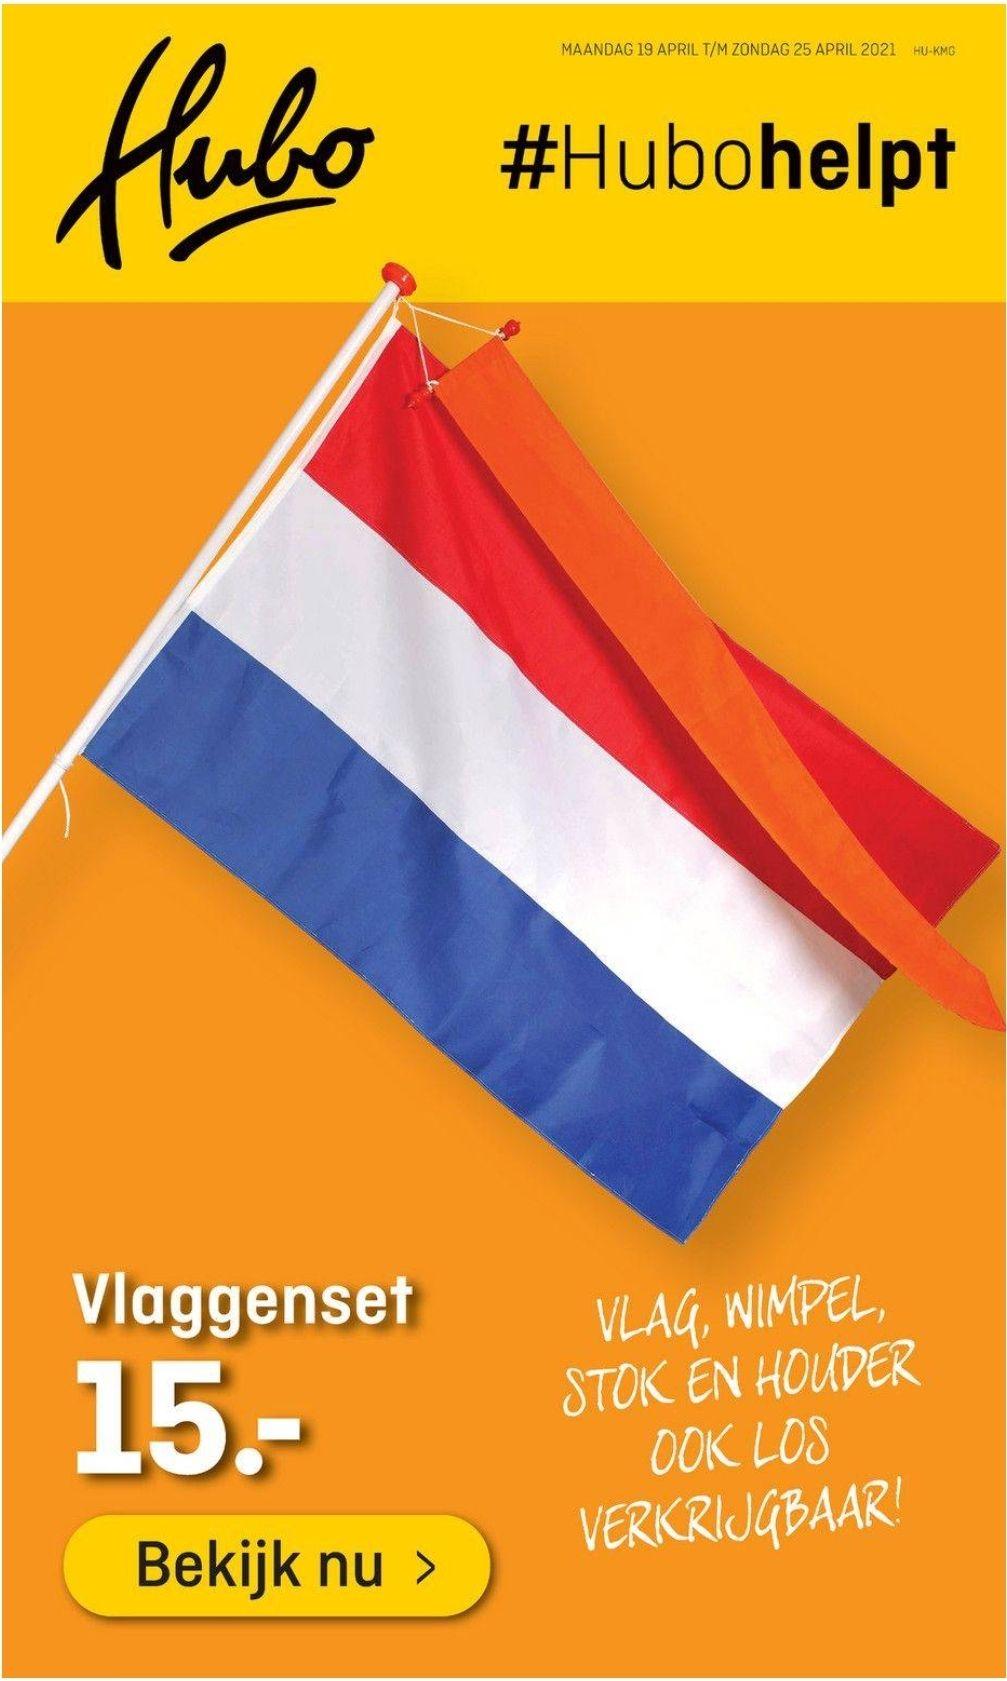 Vlaggenset (Nederlandse vlag, wimpel, stok en houder)